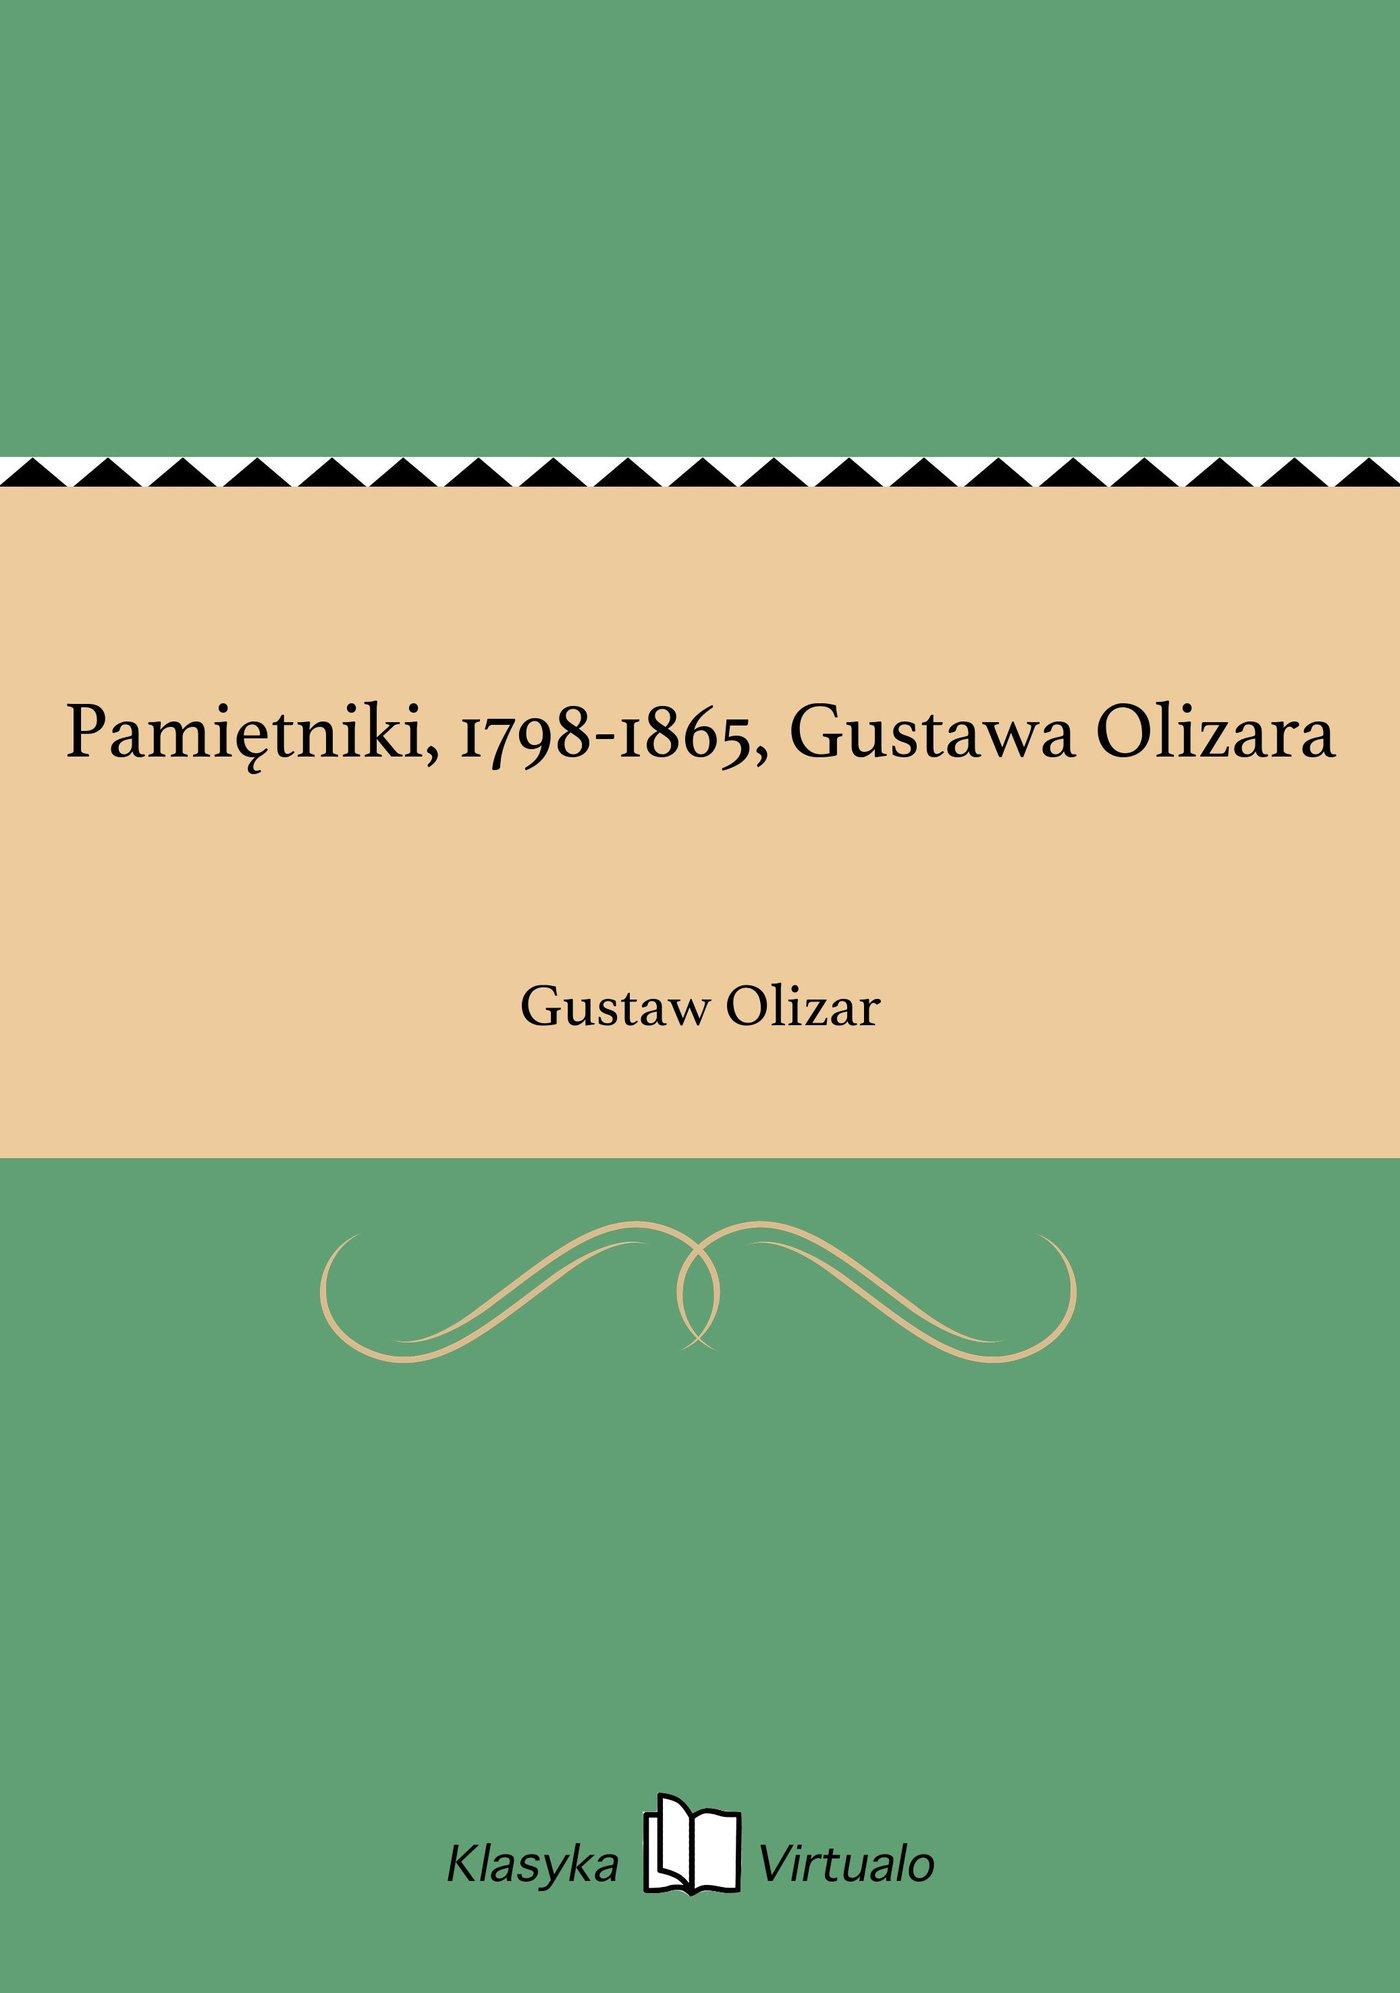 Pamiętniki, 1798-1865, Gustawa Olizara - Ebook (Książka EPUB) do pobrania w formacie EPUB